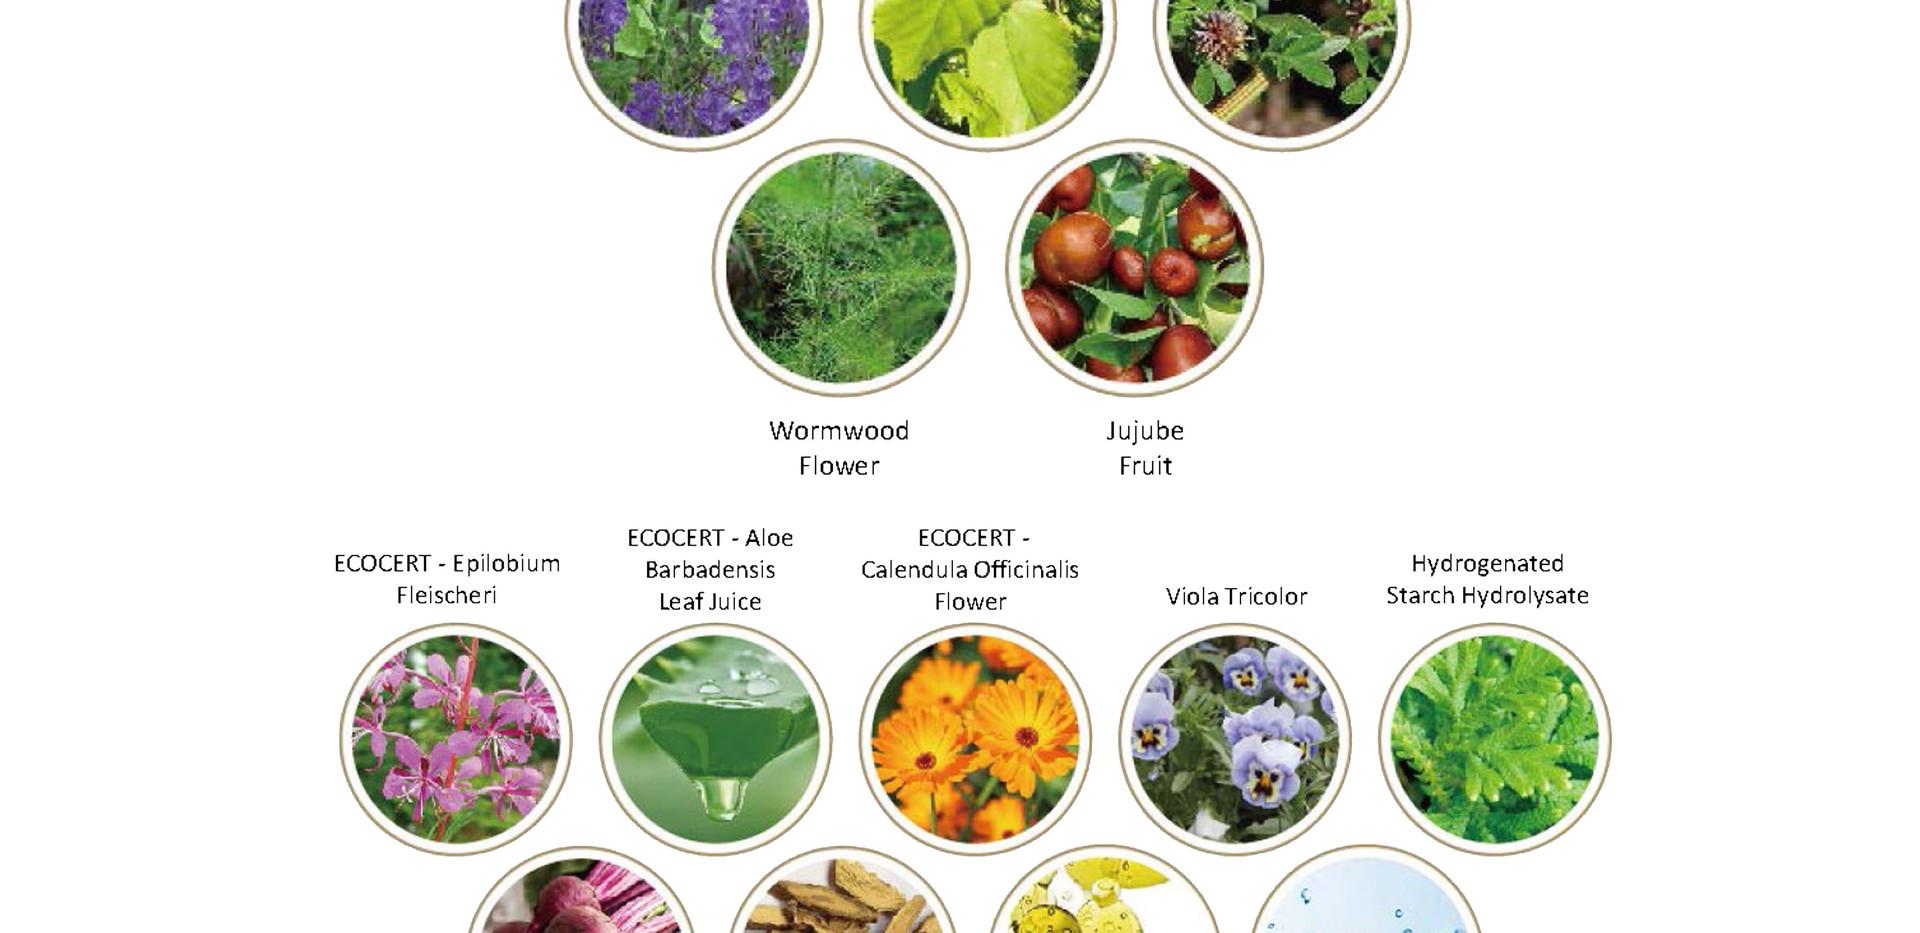 Chinese herbal medicine & Natural ingredients